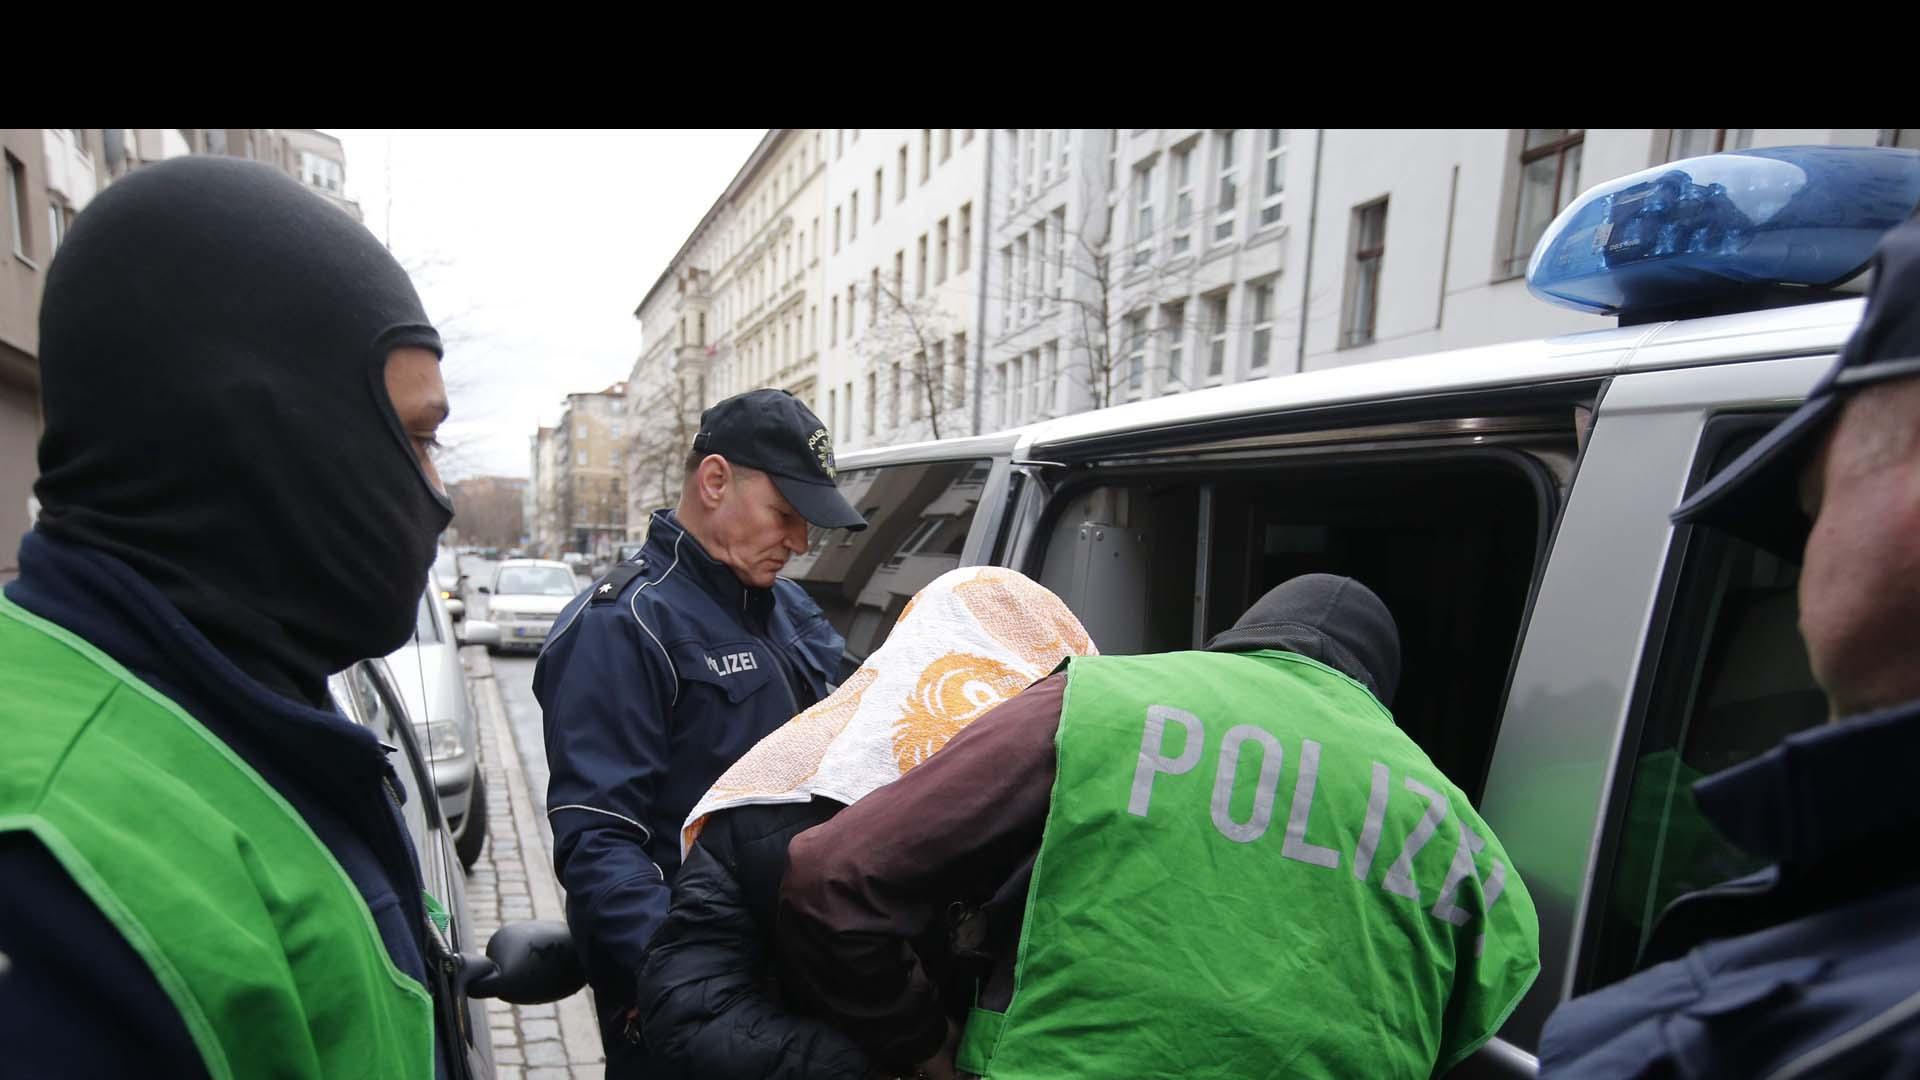 Policía aseguró que vivían con sus dos hijos en un centro de refugiados en la capital alemana